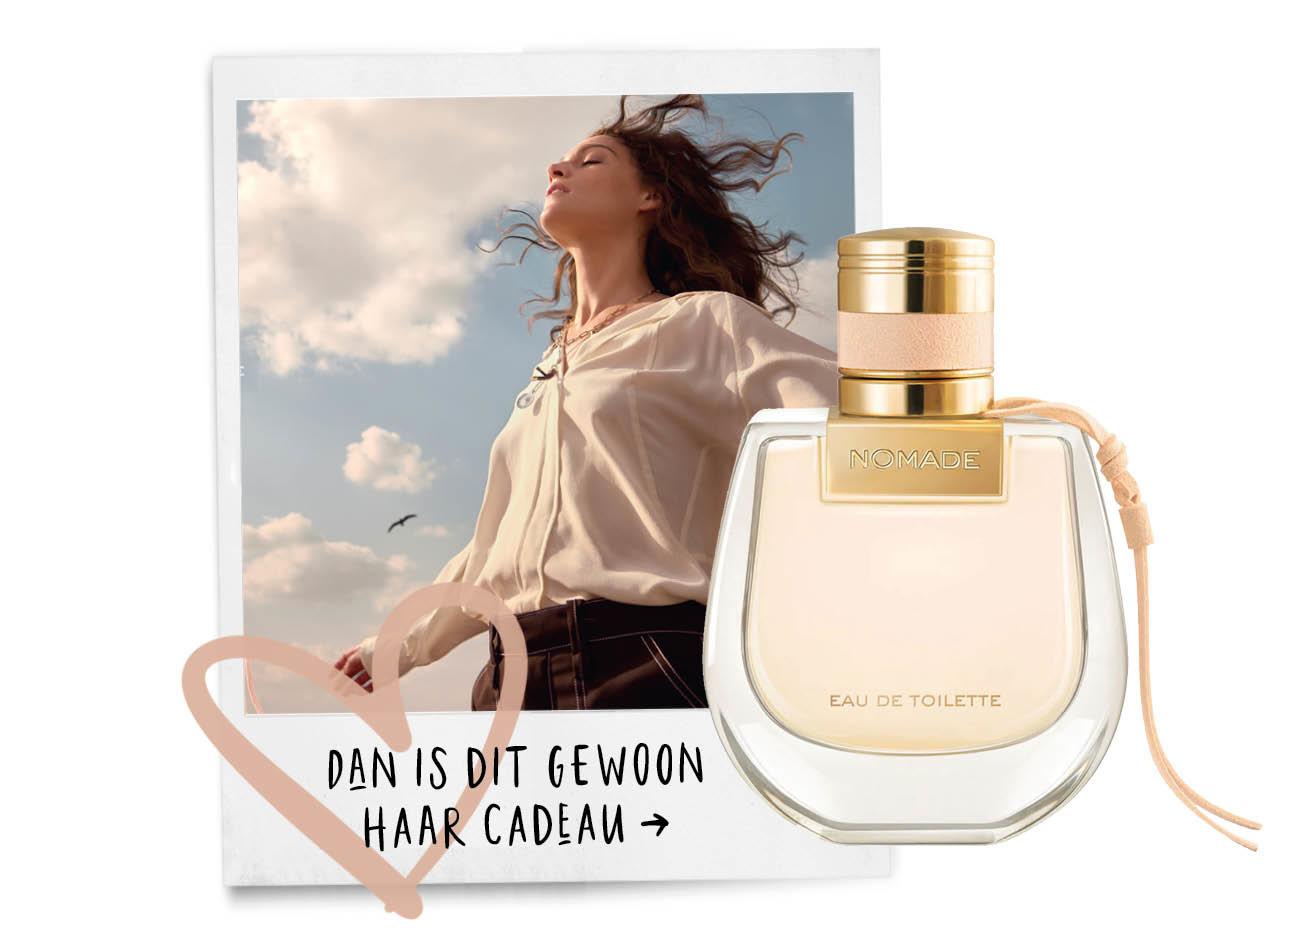 Chloe nomade eau de toilette nieuw collectie vrouw in de woestijn met parfum licht roze fles